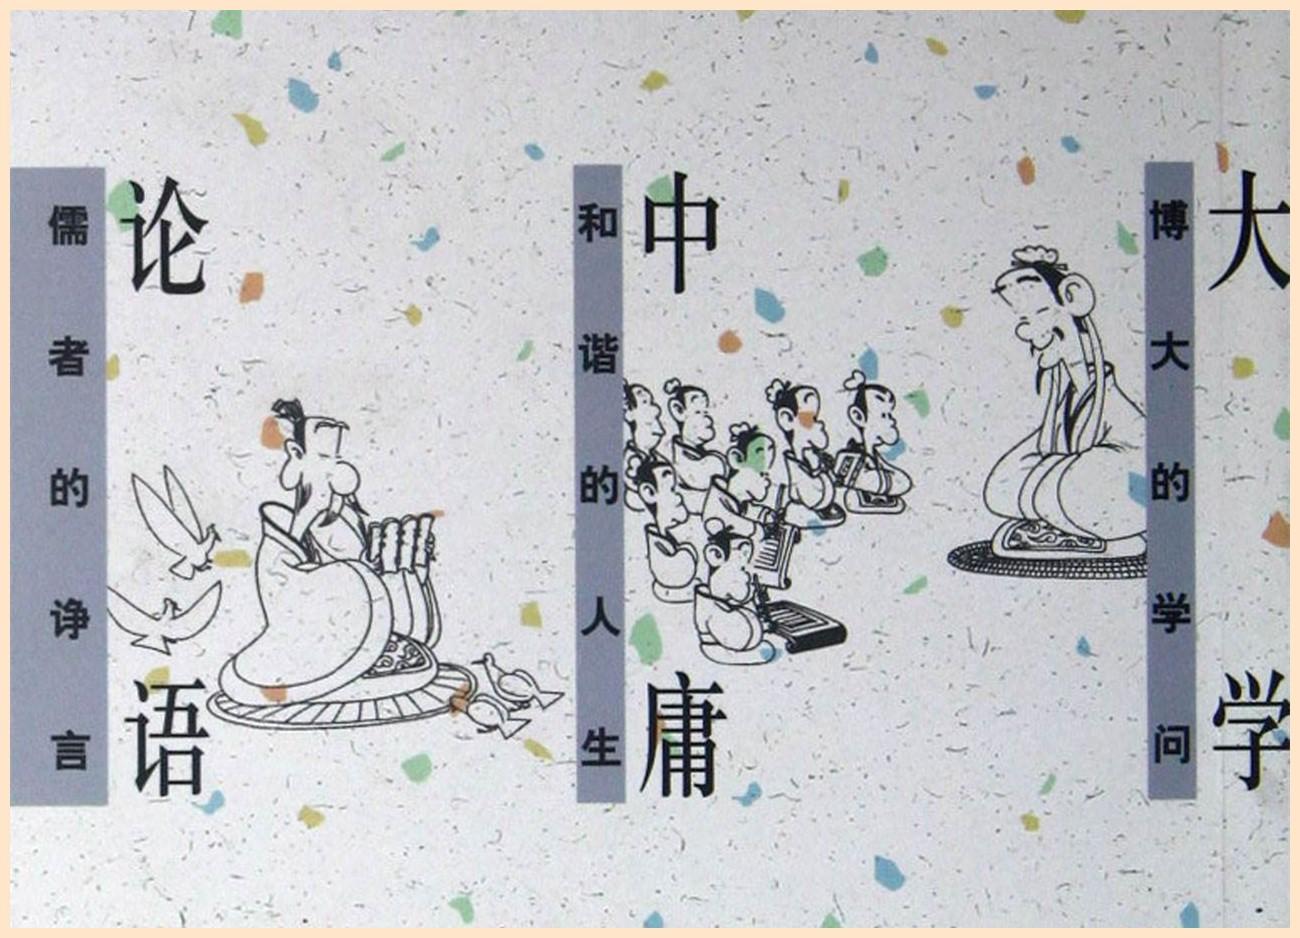 中庸论语大学_副本.jpg